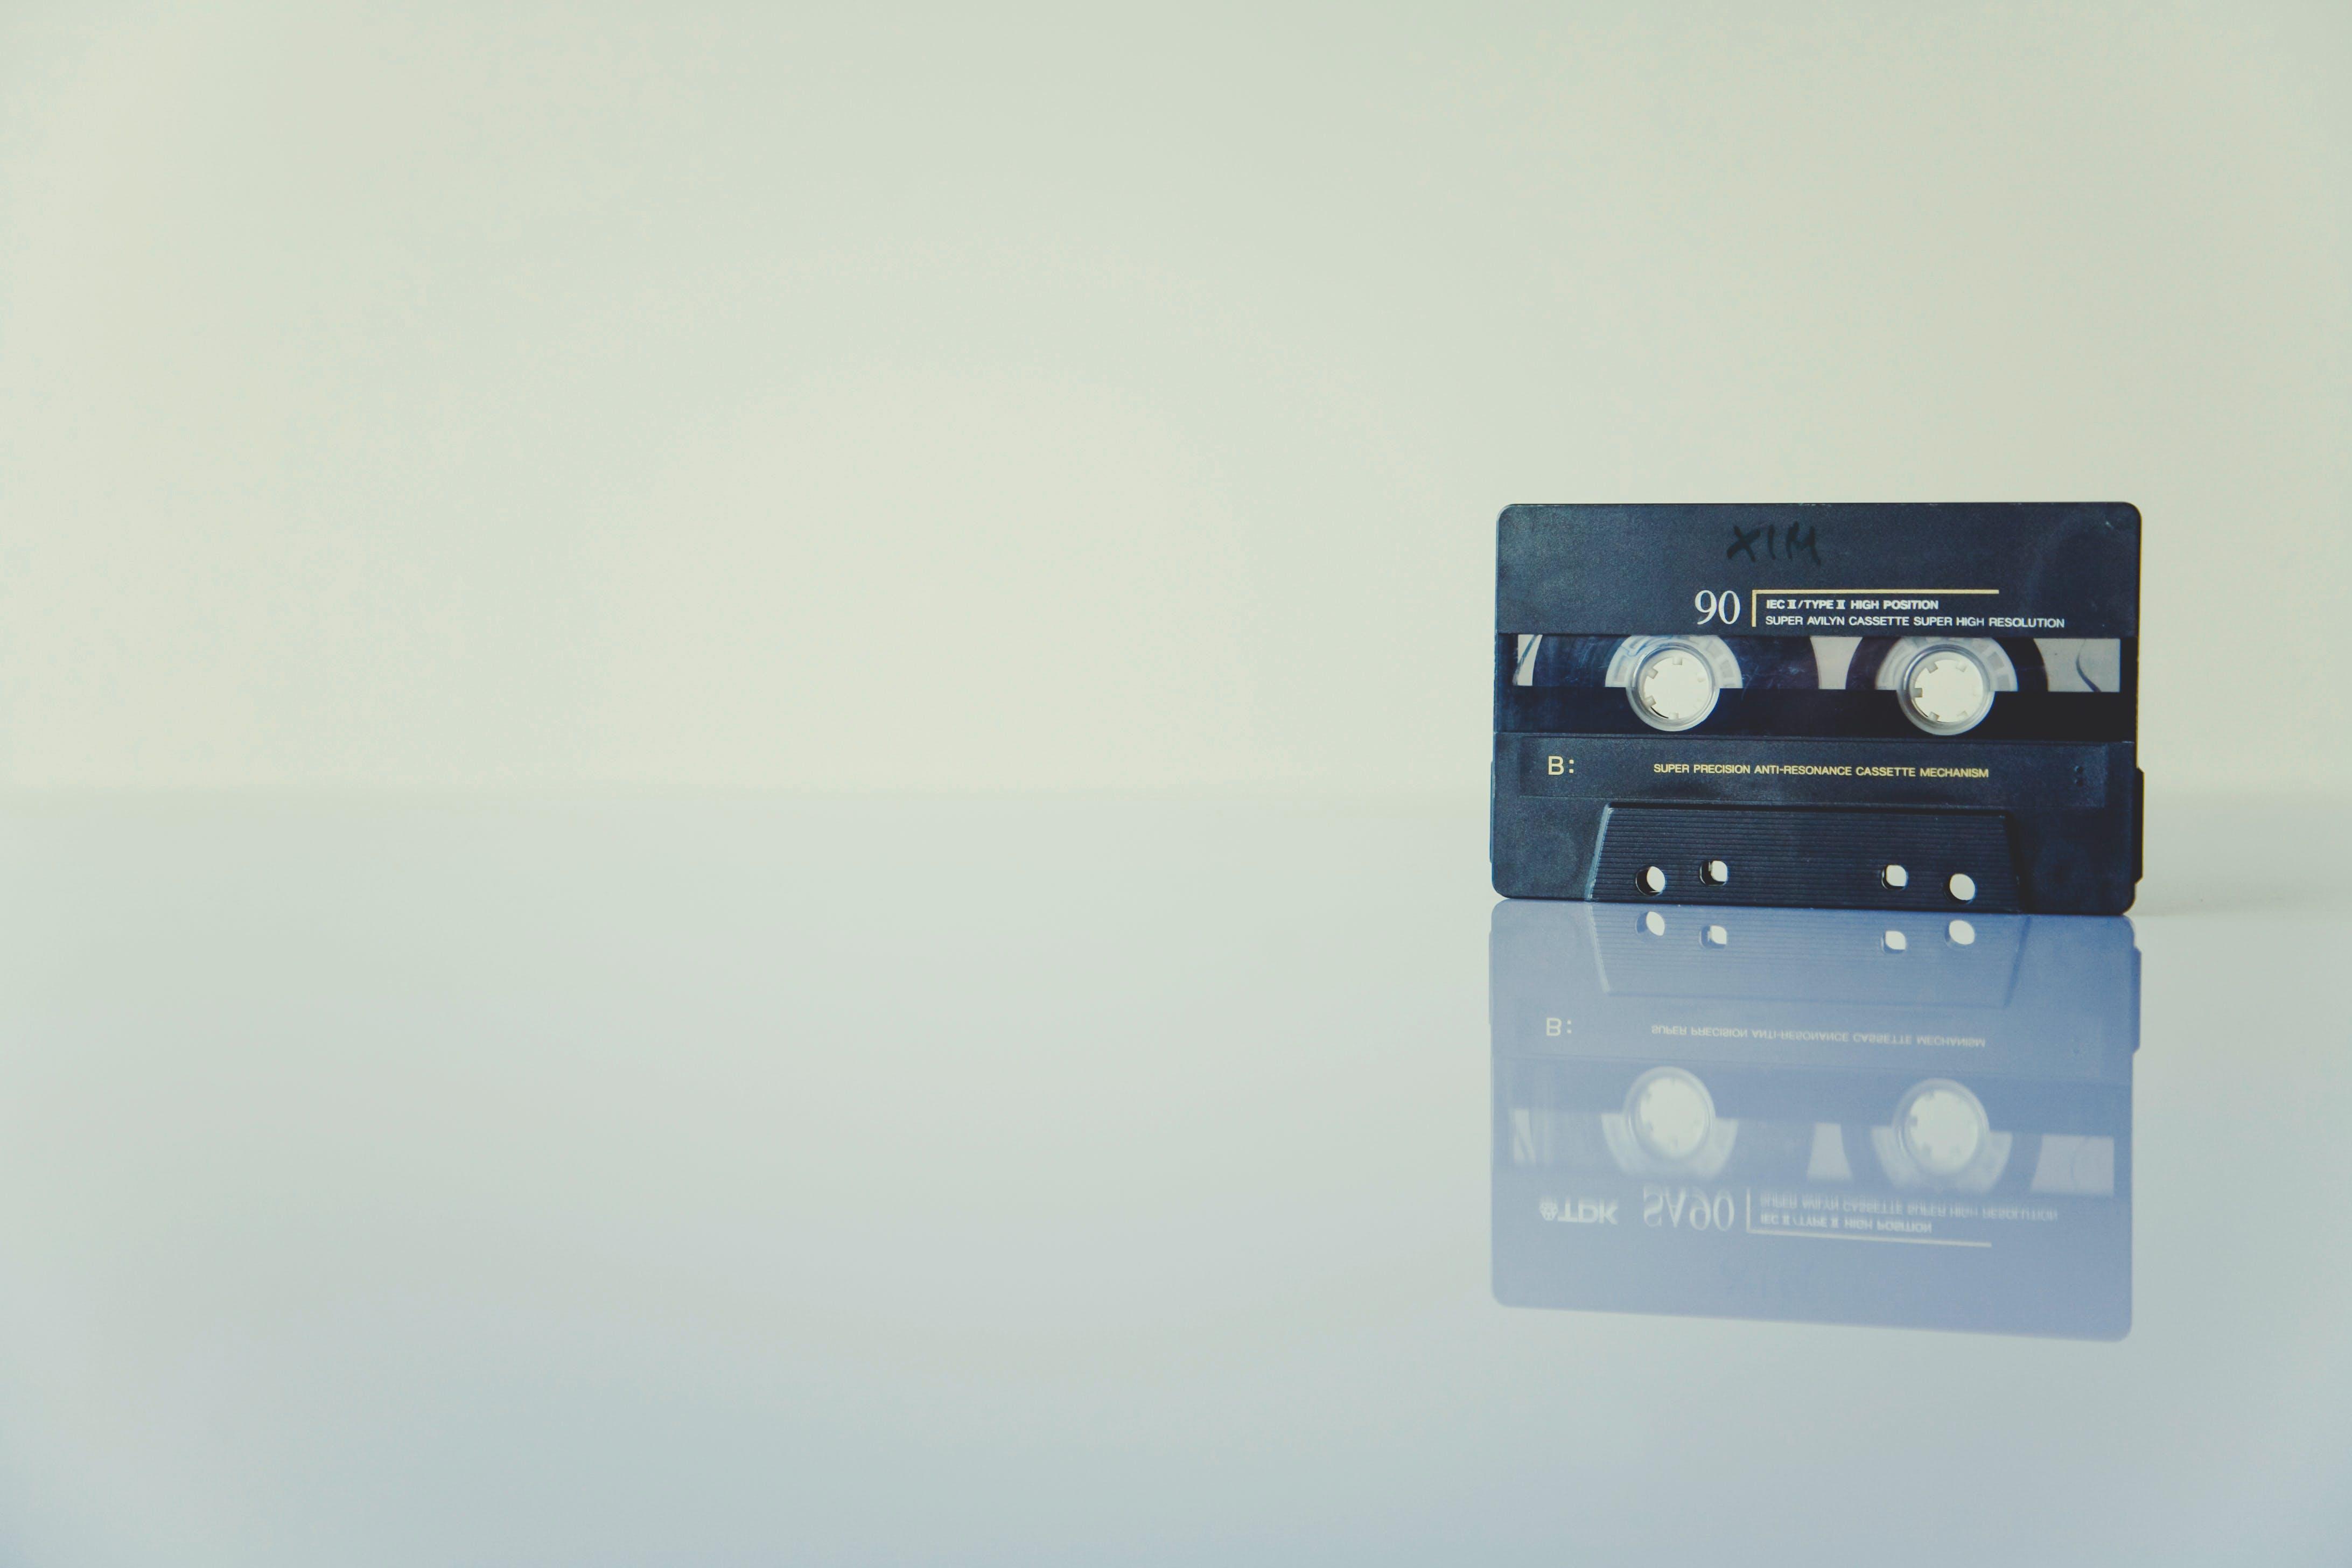 Black Cassette Tape Standing on White Surface